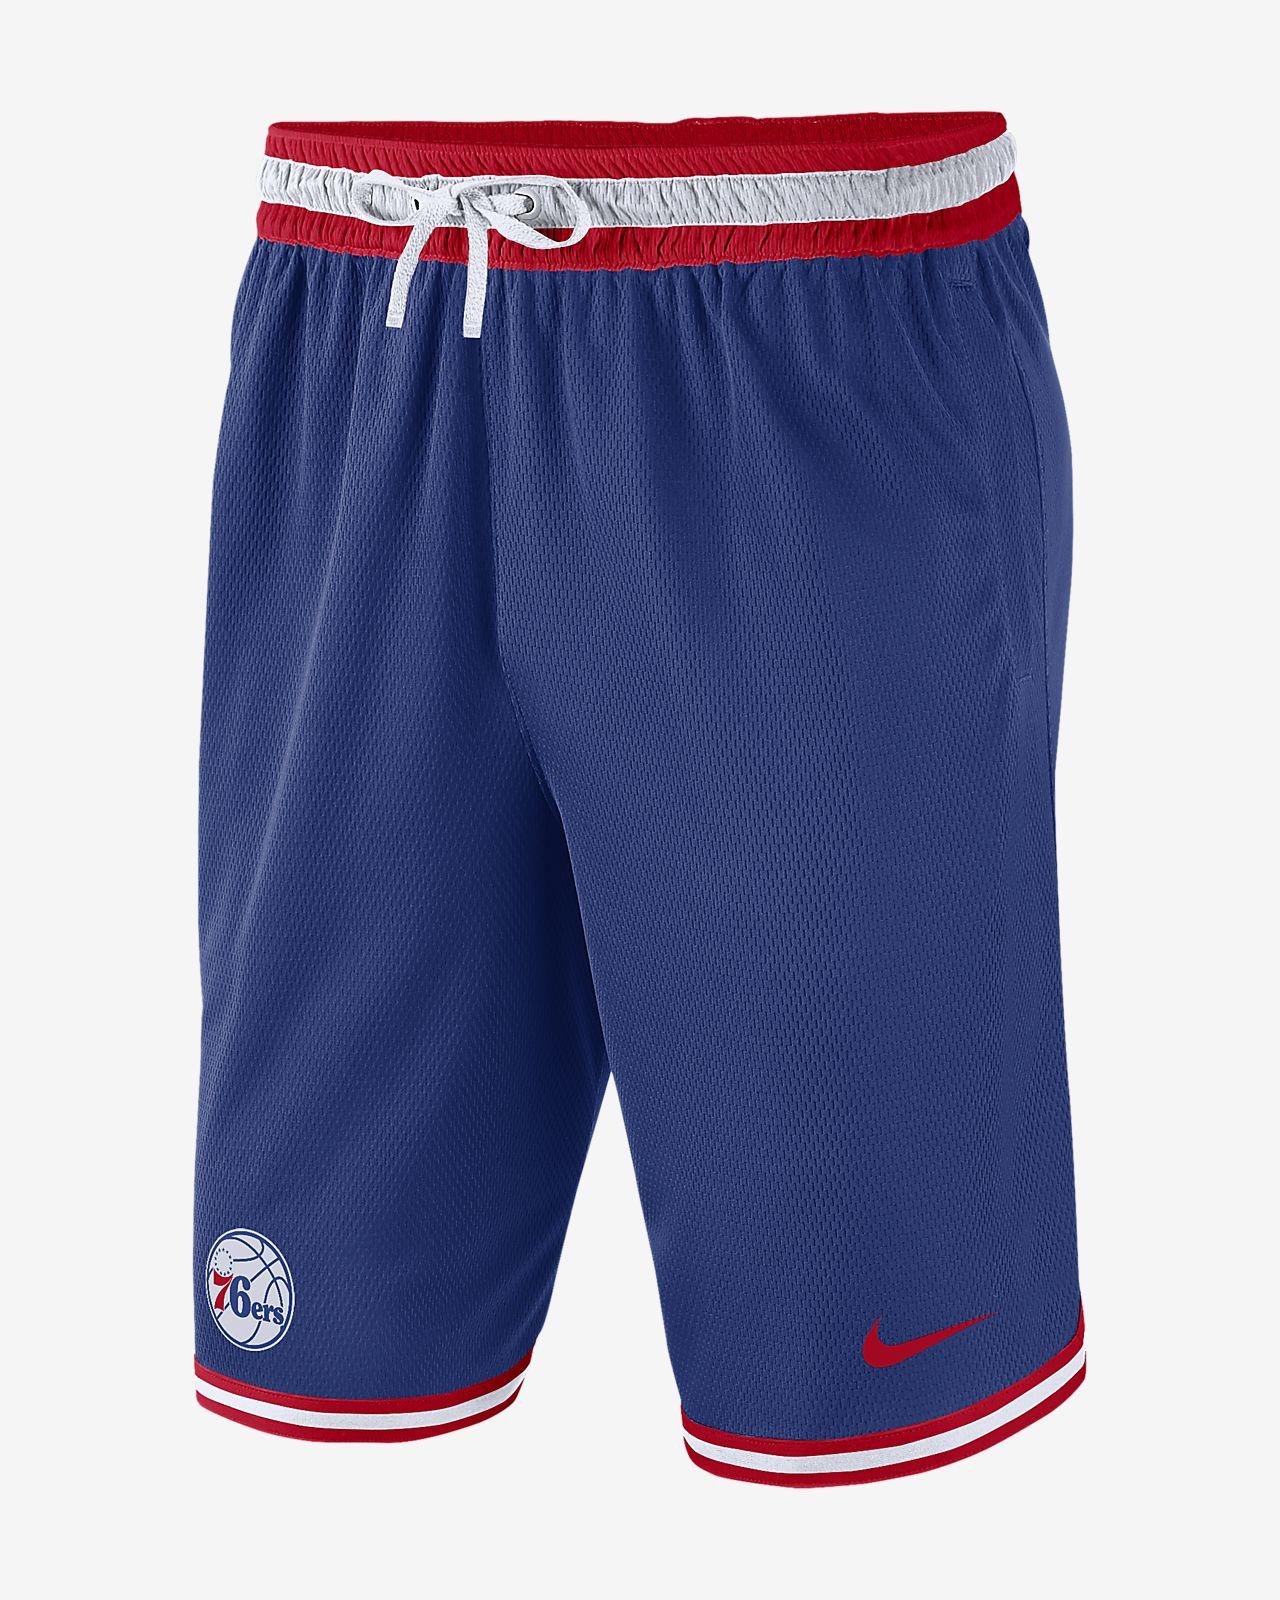 费城 76 人队 NikeNBA男子短裤